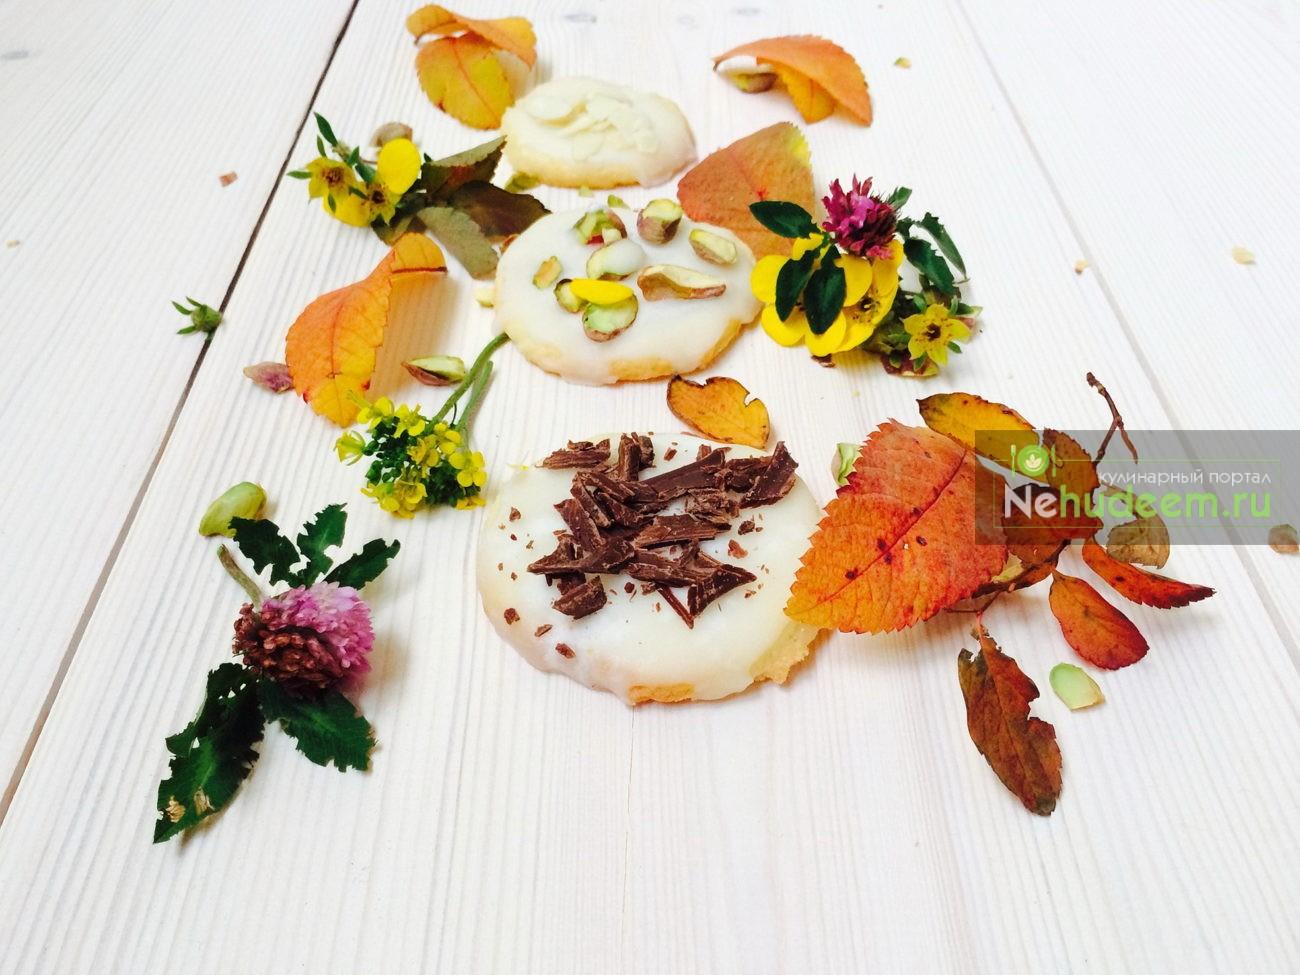 Песочное печенье с лаймовой глазурью